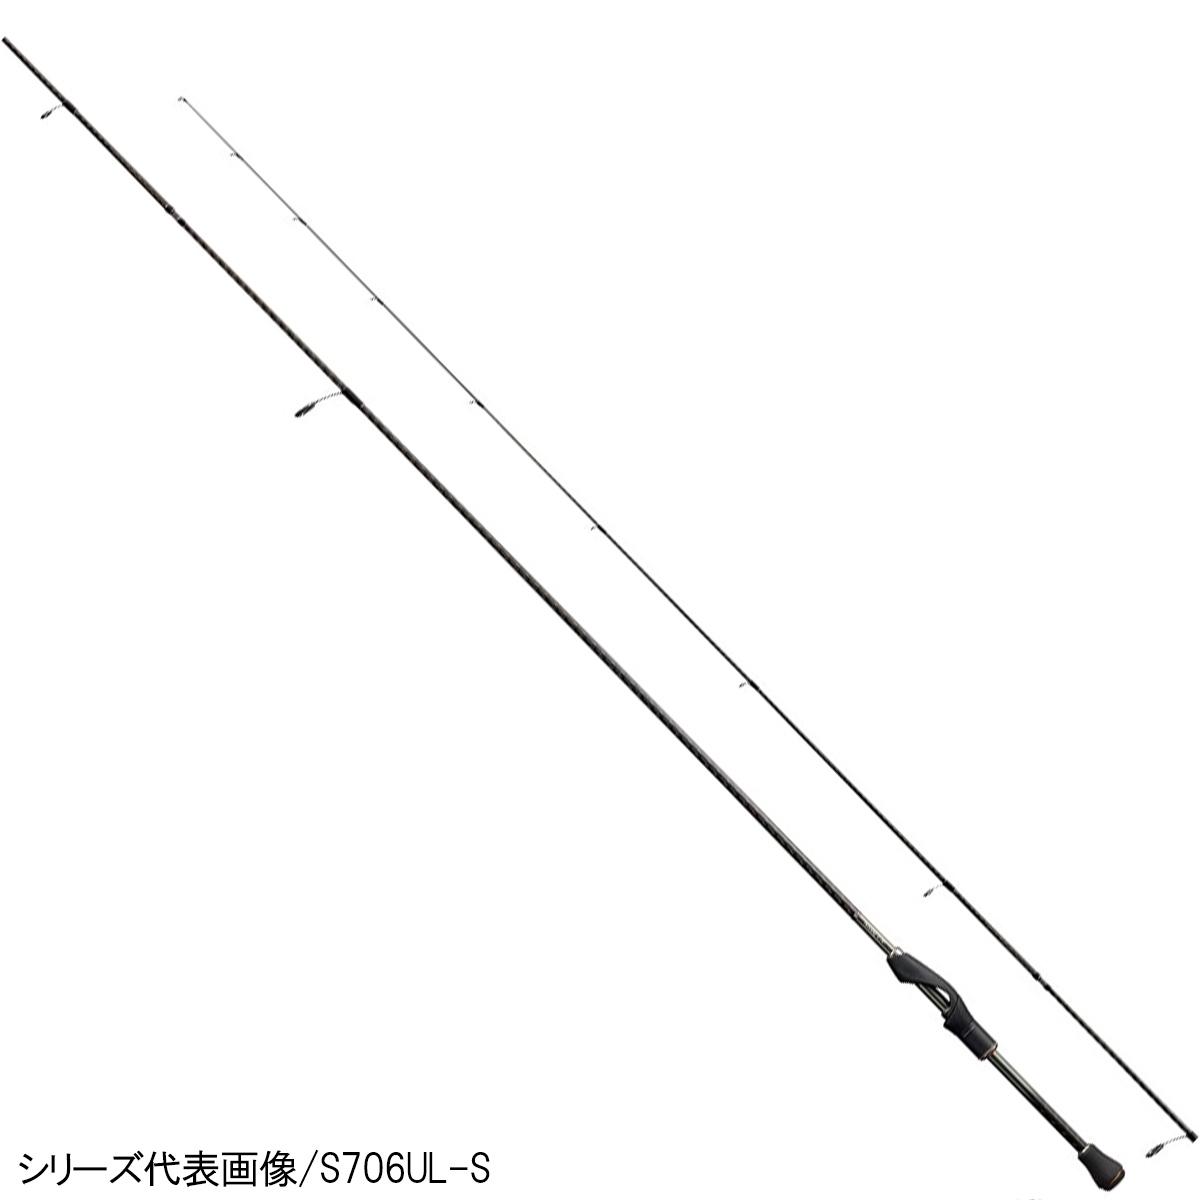 シマノ ソアレ CI4+ S706UL-T